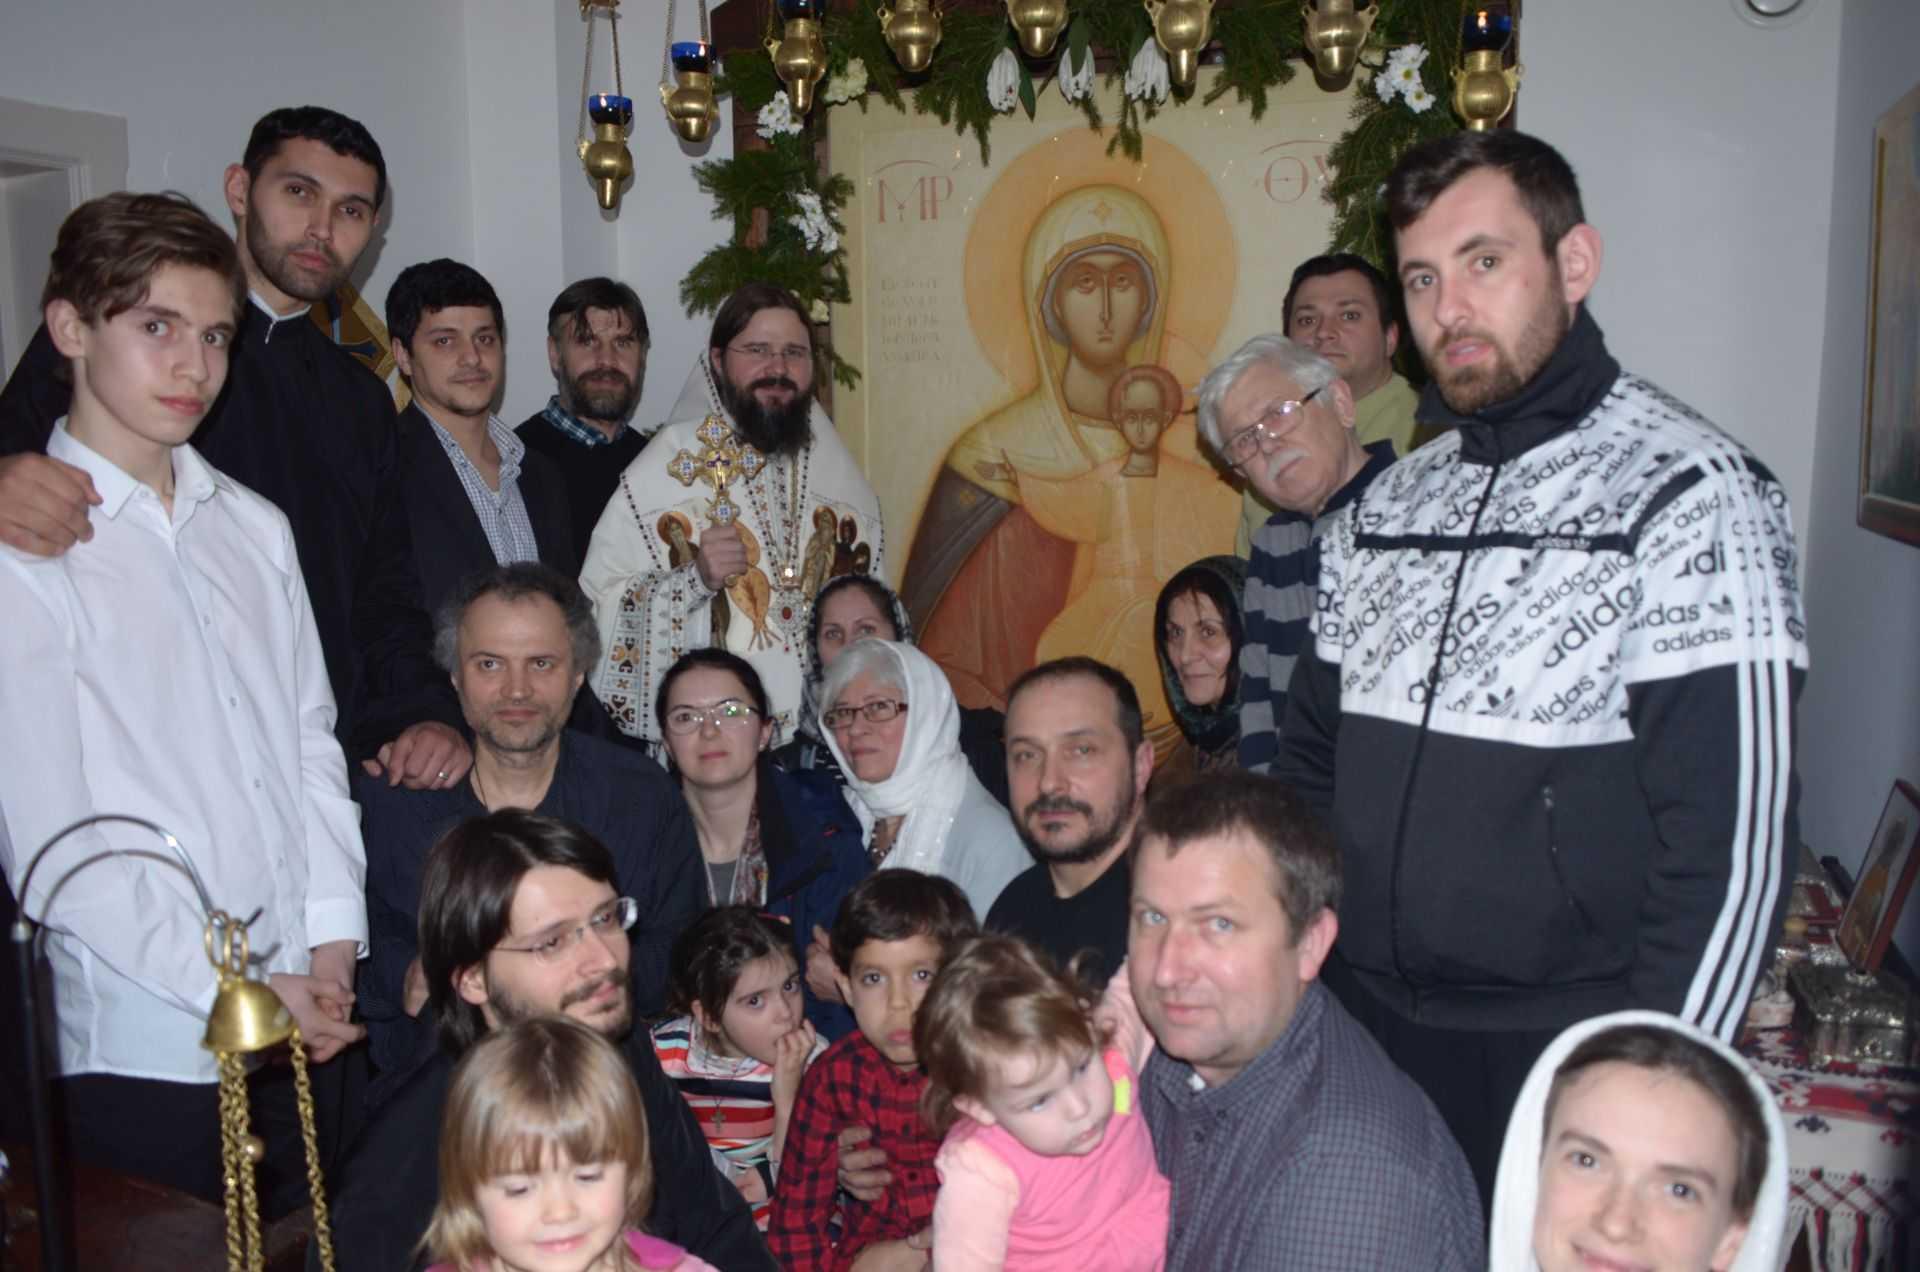 """PREASFINȚITUL MACARIE, Episcopul Europei de Nord despre NEVOIA VITALĂ a unor COMUNITĂȚI DUHOVNICEȘTI VII, în care <i>""""creştinii trebuie să fie deplin angajaţi în viaţa în Hristos, NU DOAR SĂ SOCIALIZEZE superficial"""". """"PAROHIA te poate ajuta să supravieţuieşti în lume ca creştin, dar nu ar trebui să devină o """"ȘCOALĂ A VEDETELOR"""", ci un ATELIER AL FRĂȚIETĂȚII""""</i>"""